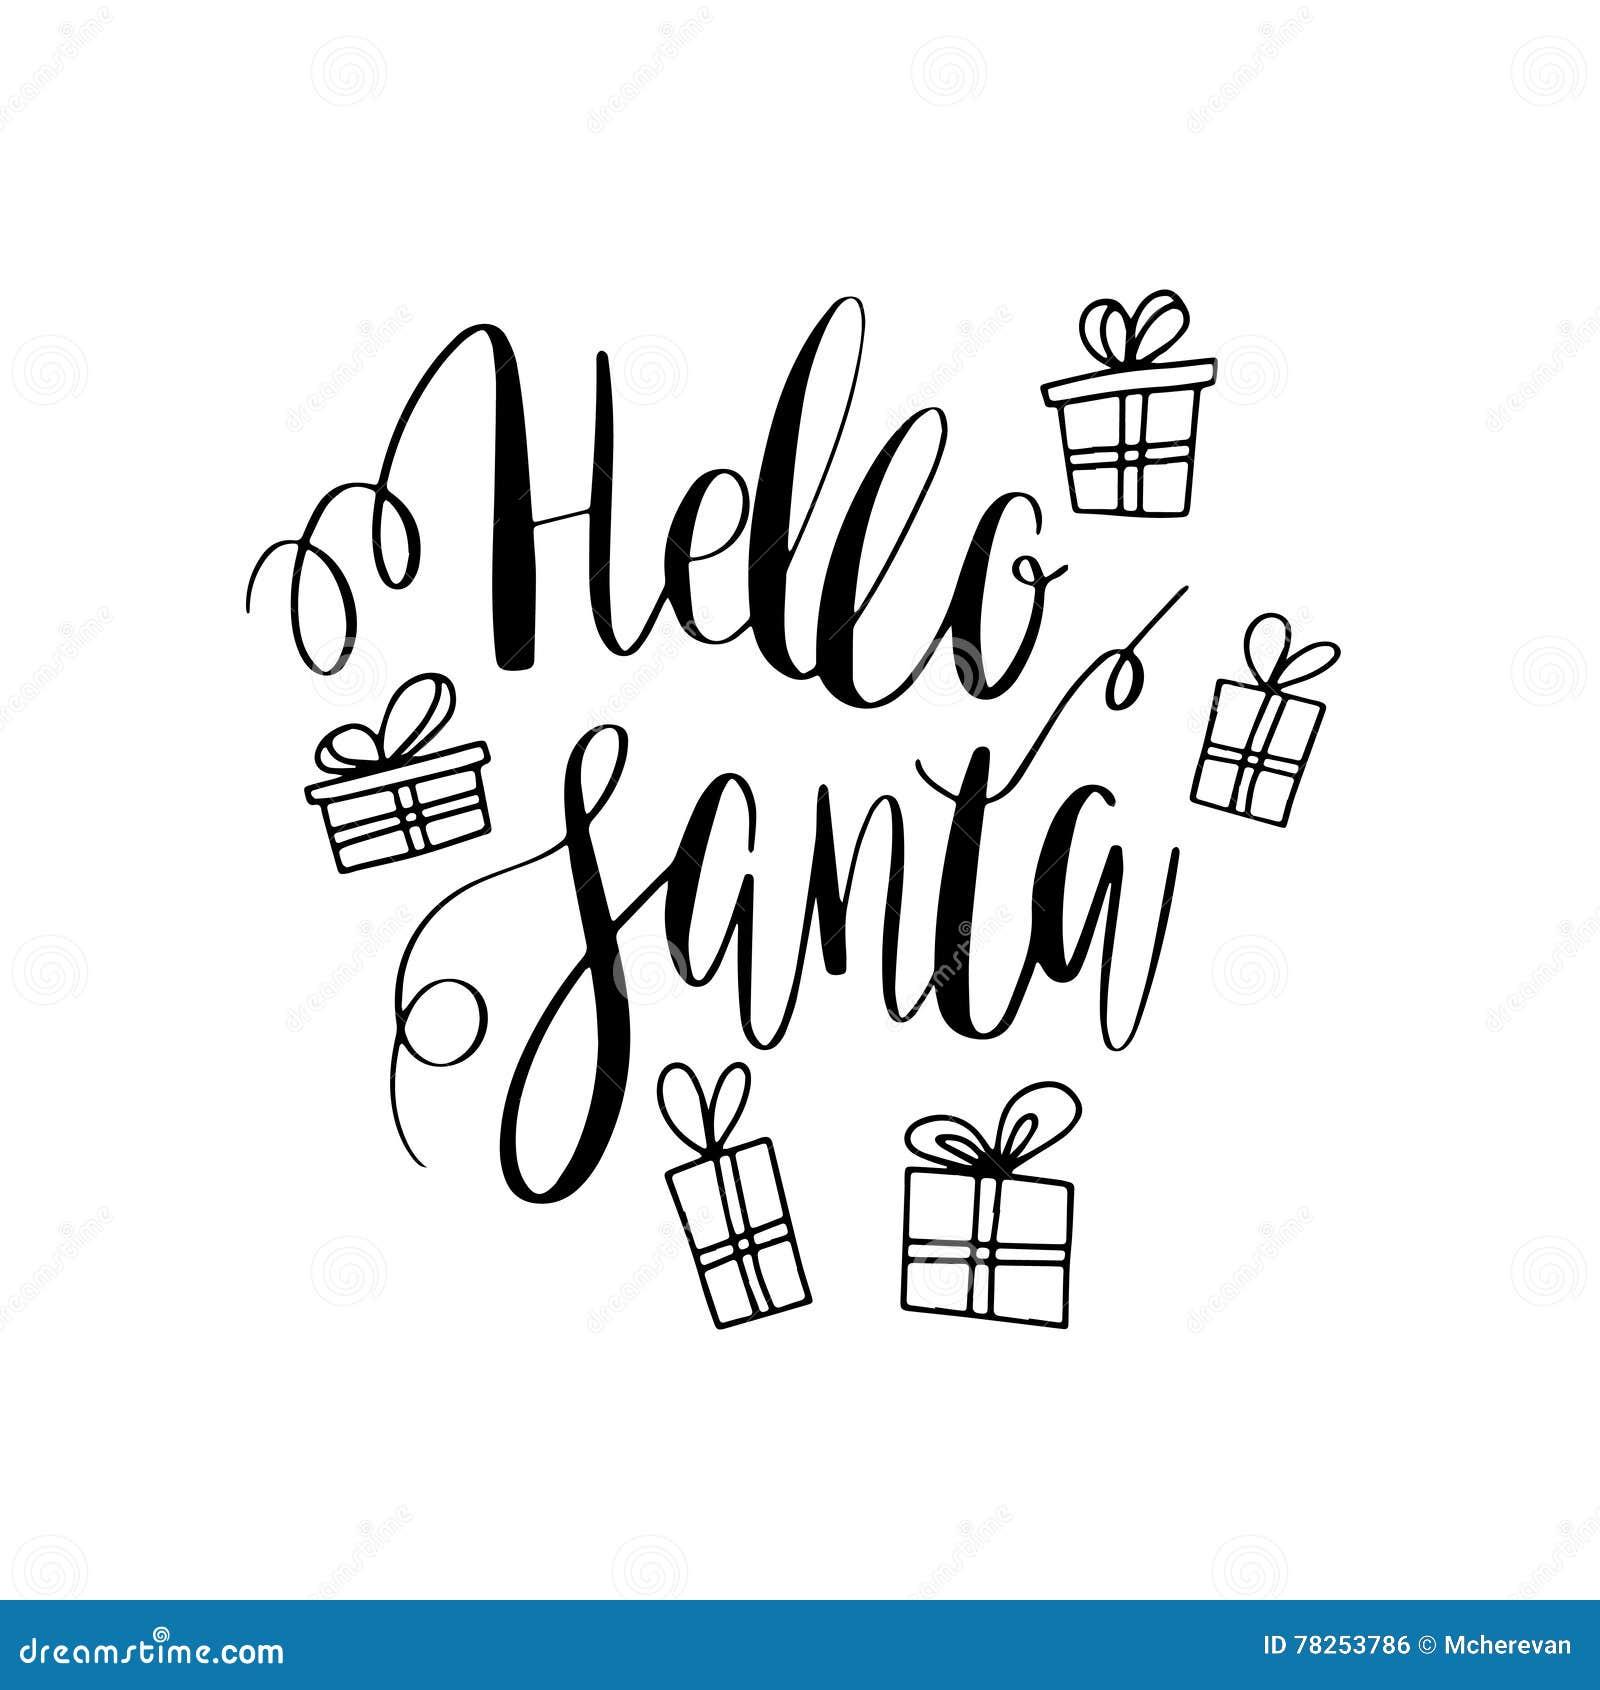 γειά σου santa Διανυσματική ευχετήρια κάρτα με γραπτά χέρι καλλιγραφικά γράφοντας snowflakes φράσης, τα παρόντα κιβώτια και τα τό